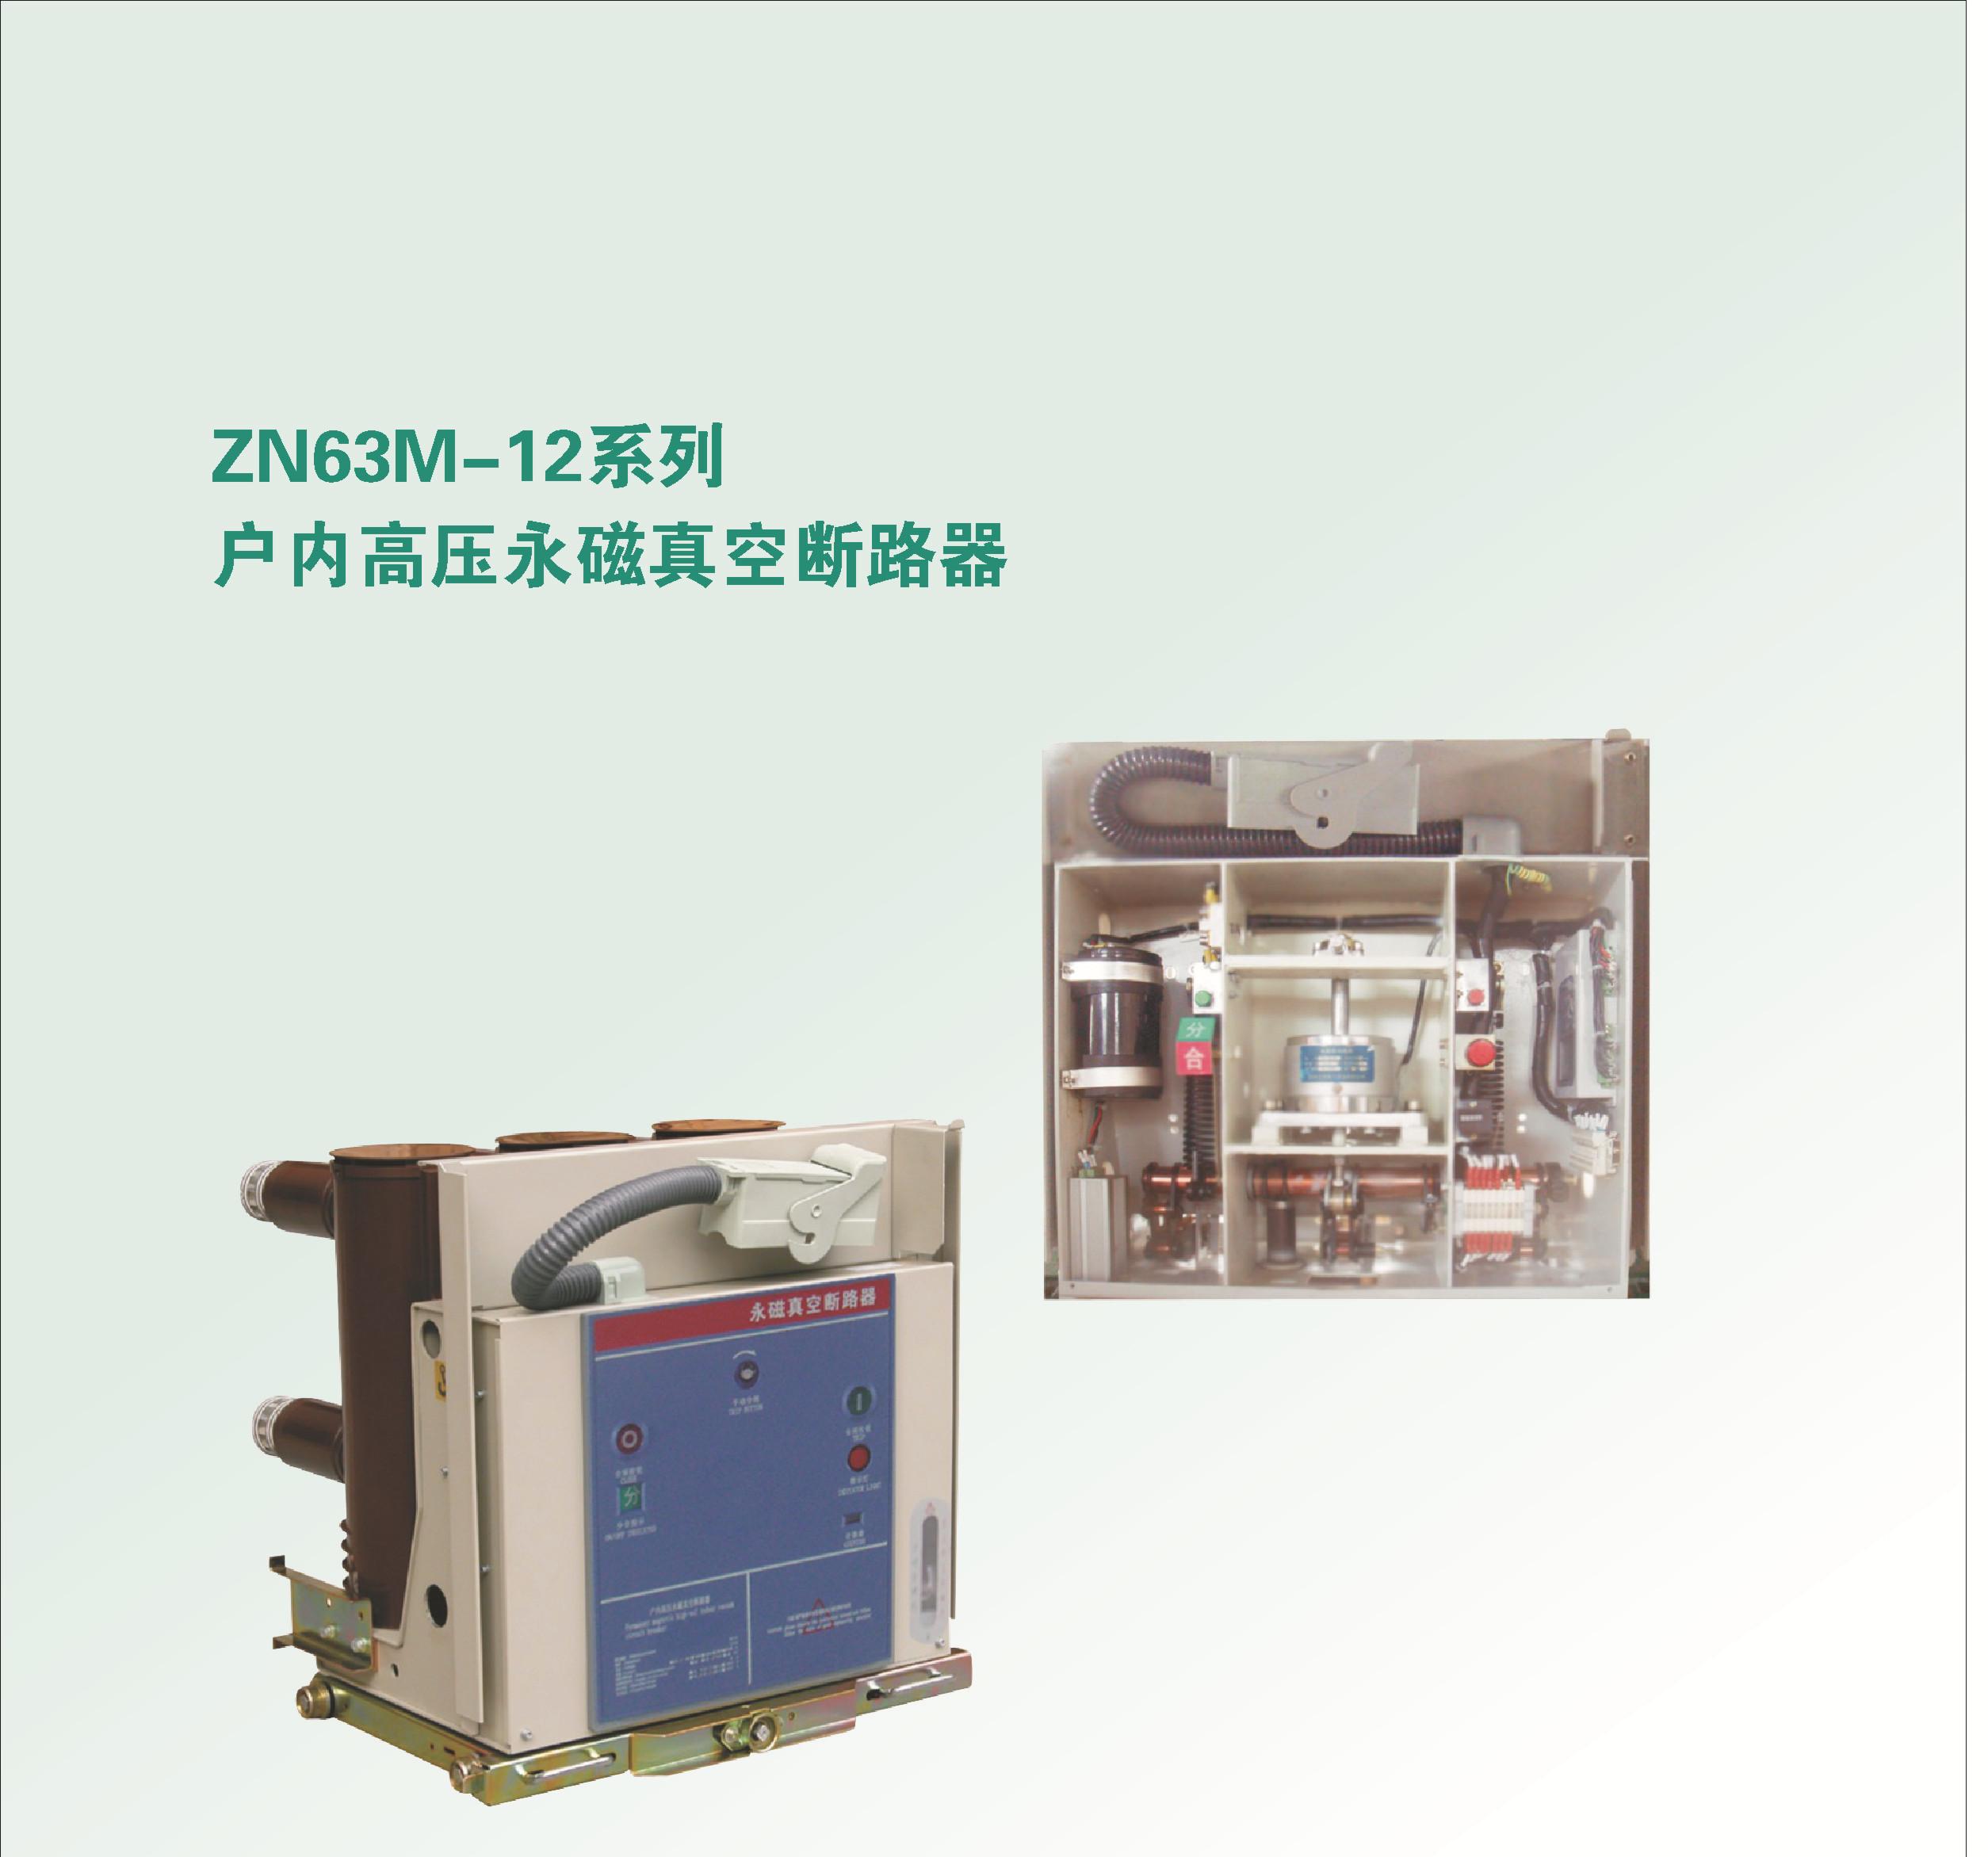 ZN63M-12户内高压永磁真空断路器